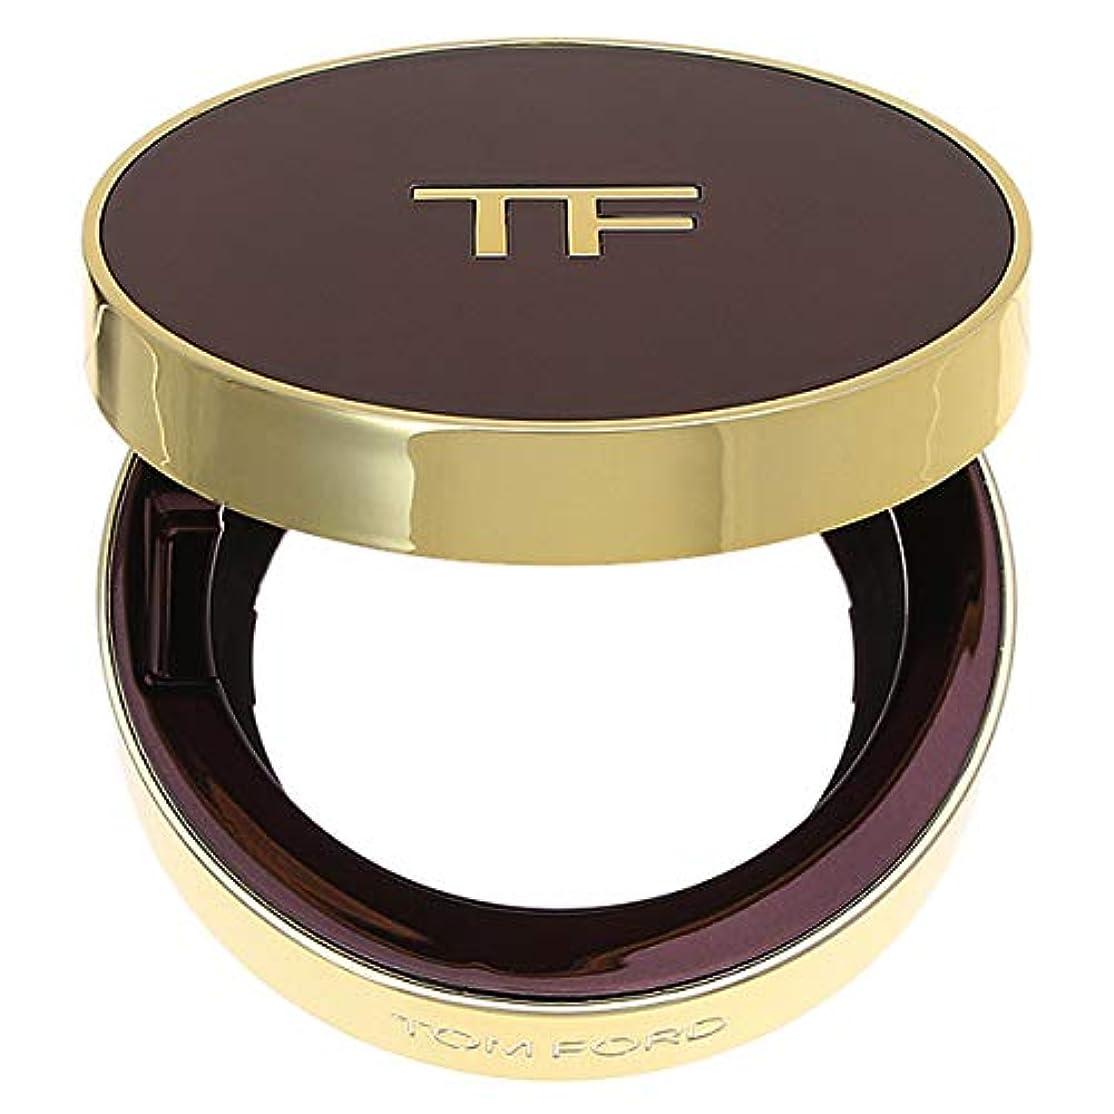 ほとんどの場合バーベキュー食欲トム フォード ビューティ TOM FORD BEAUTY トレースレス タッチ ファンデーション SPF 45 サテンマット クッション コンパクト コンパクト ケース [並行輸入品]